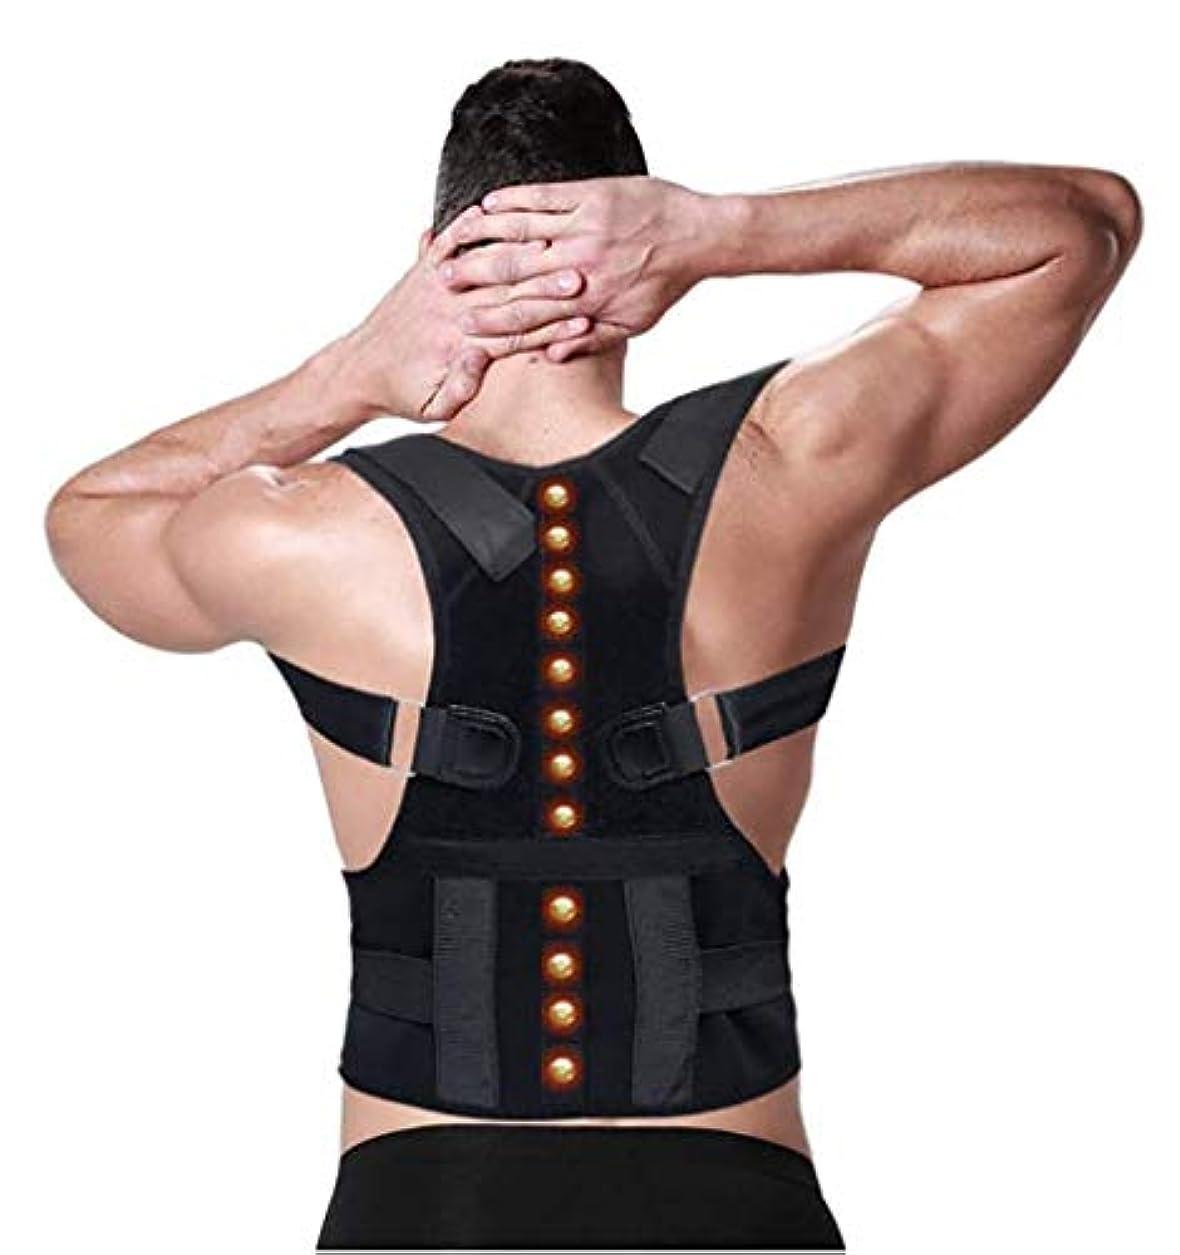 性別コットン苦い姿勢矯正ベルト、背部装具、悪い姿勢の改善、気質の改善、調整可能、腰痛緩和のためのダブルストロングスプリント、オフィス学習演習用 (Size : M)